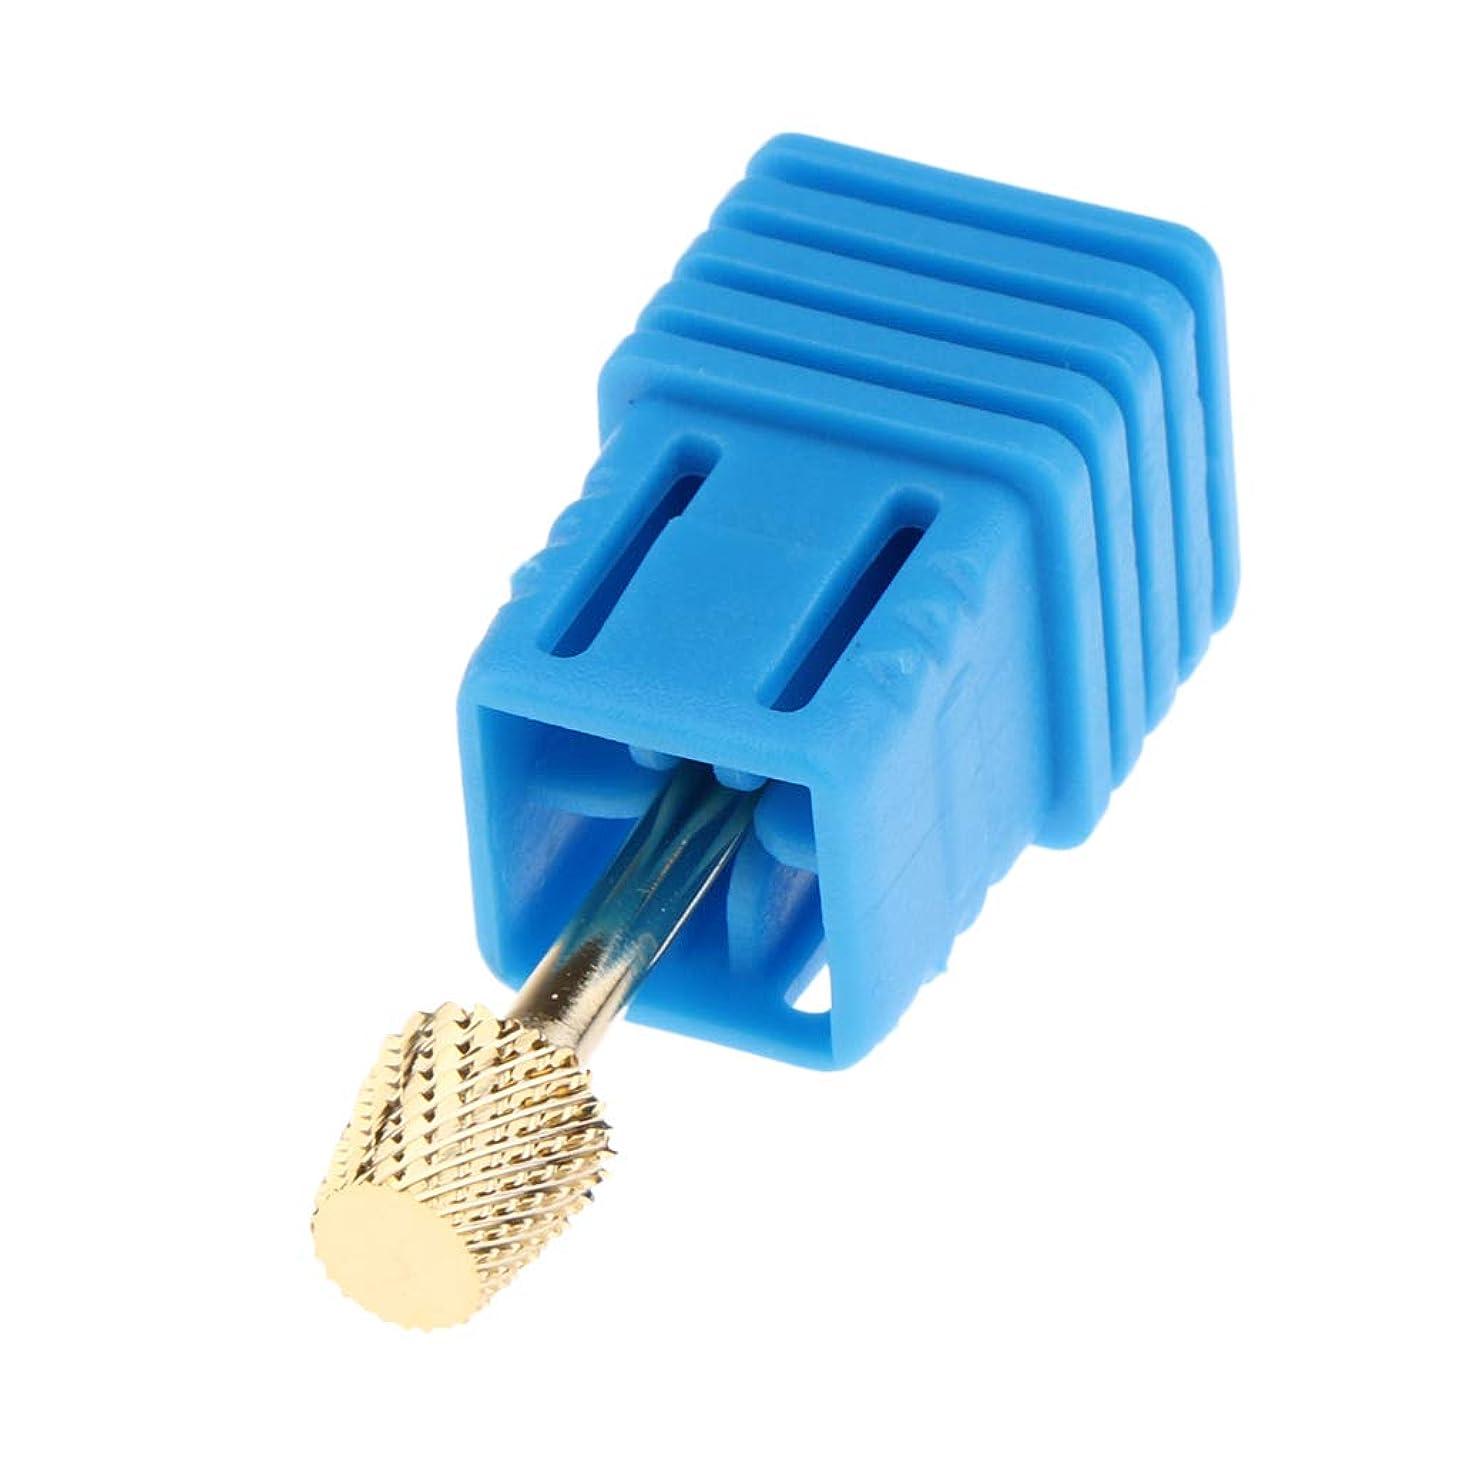 魔術常にマグgazechimp 8サイズ選択 マニキュア ネイルドリルペンビット 電気ネイルドリルビット - STZJ10 3.2cm